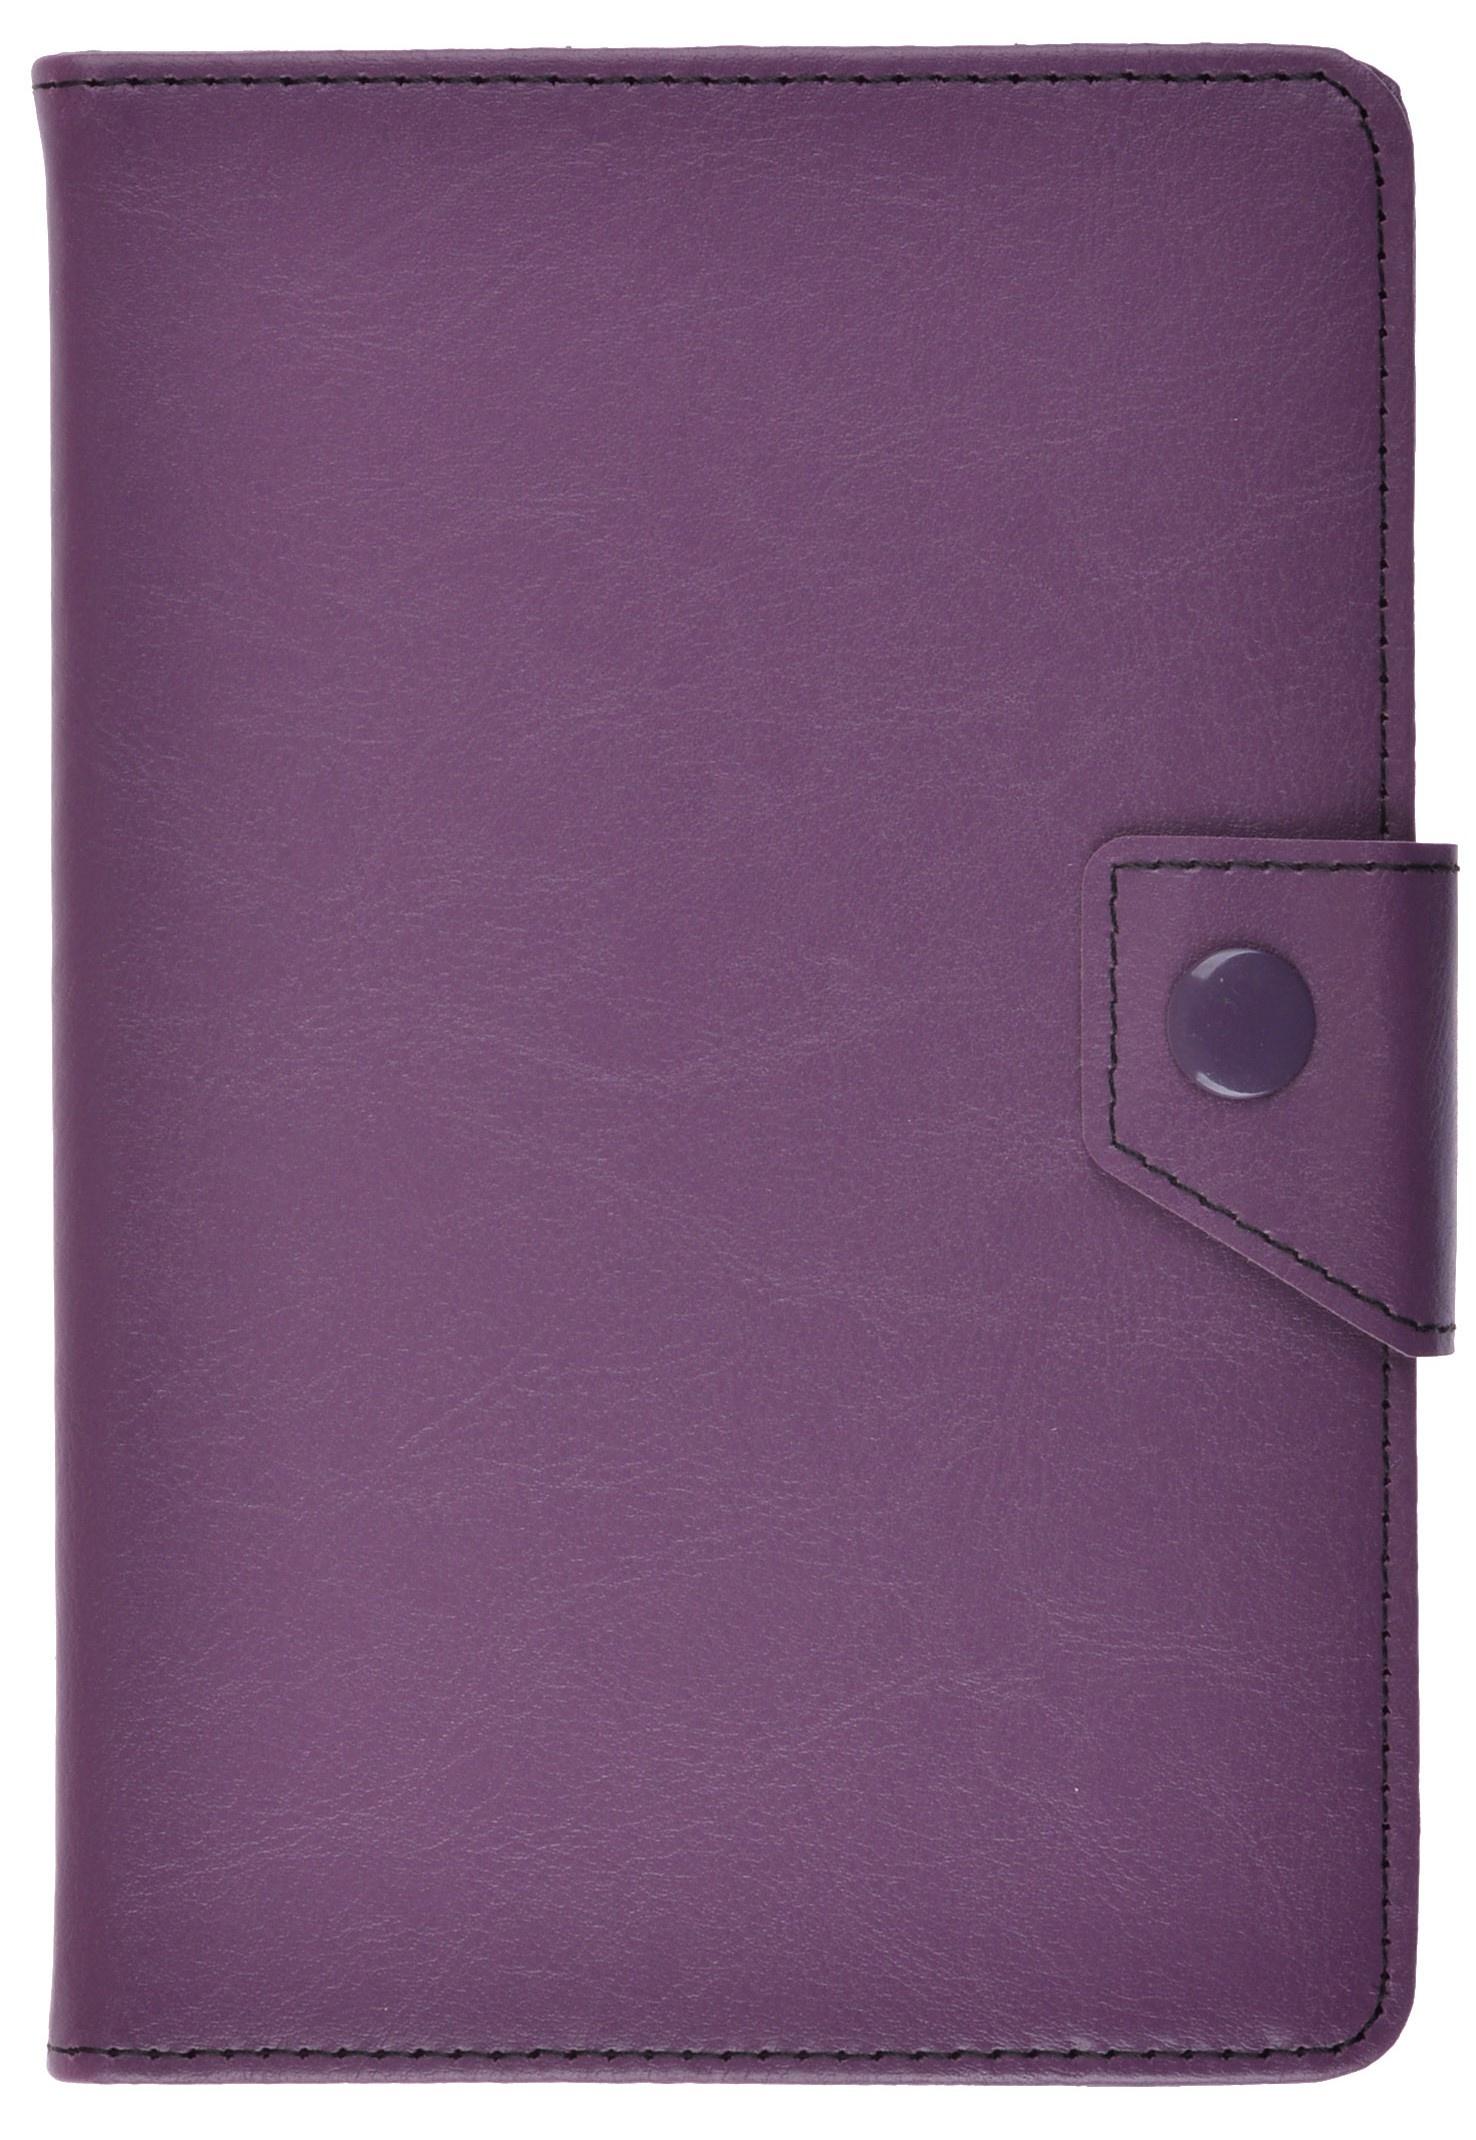 Чехол для планшета ProShield Standard slim clips 7, 4660041409574, фиолетовый cross case чехол универсальный slim 7